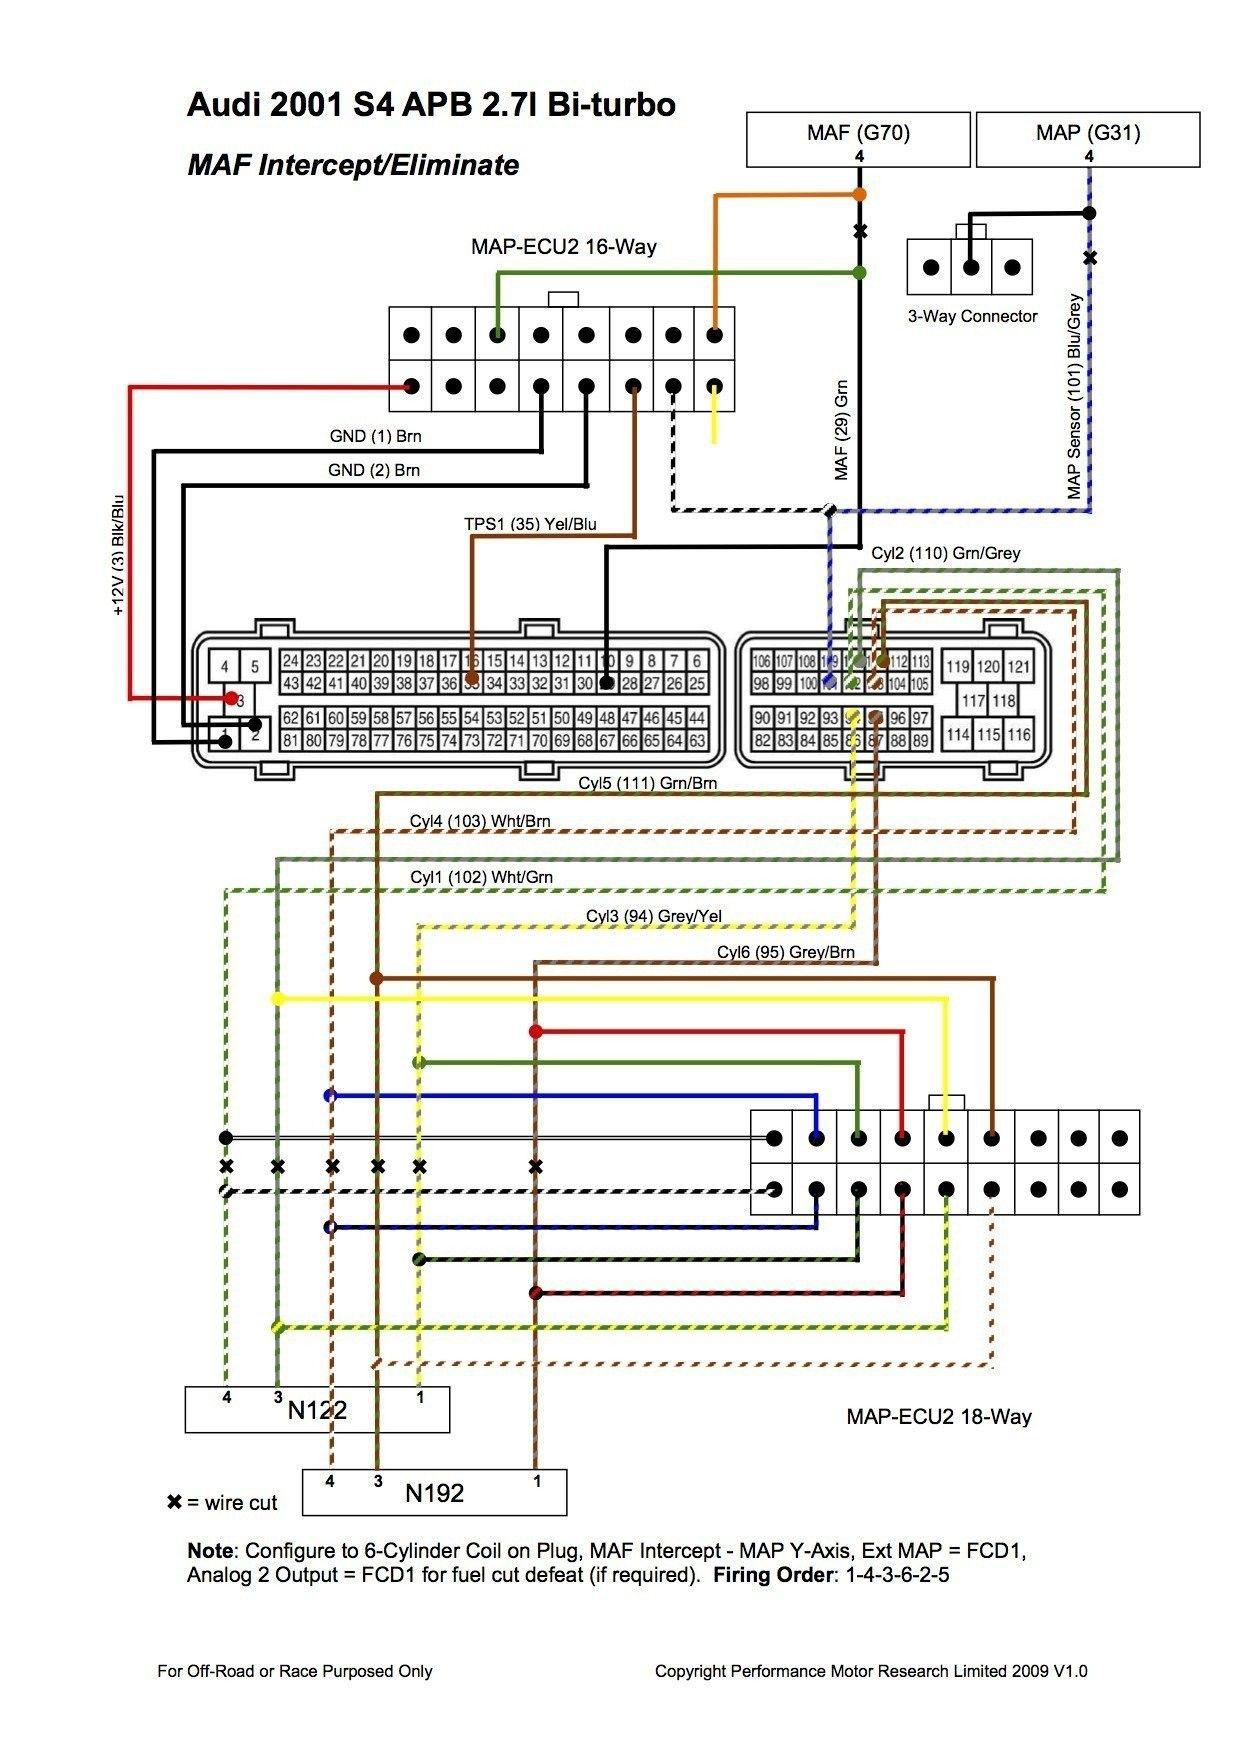 Unique 2002 Dodge Ram 1500 Instrument Cluster Wiring Diagram Diagram Diagramsample Diagramtemplate Trailer Wiring Diagram Electrical Wiring Diagram Diagram